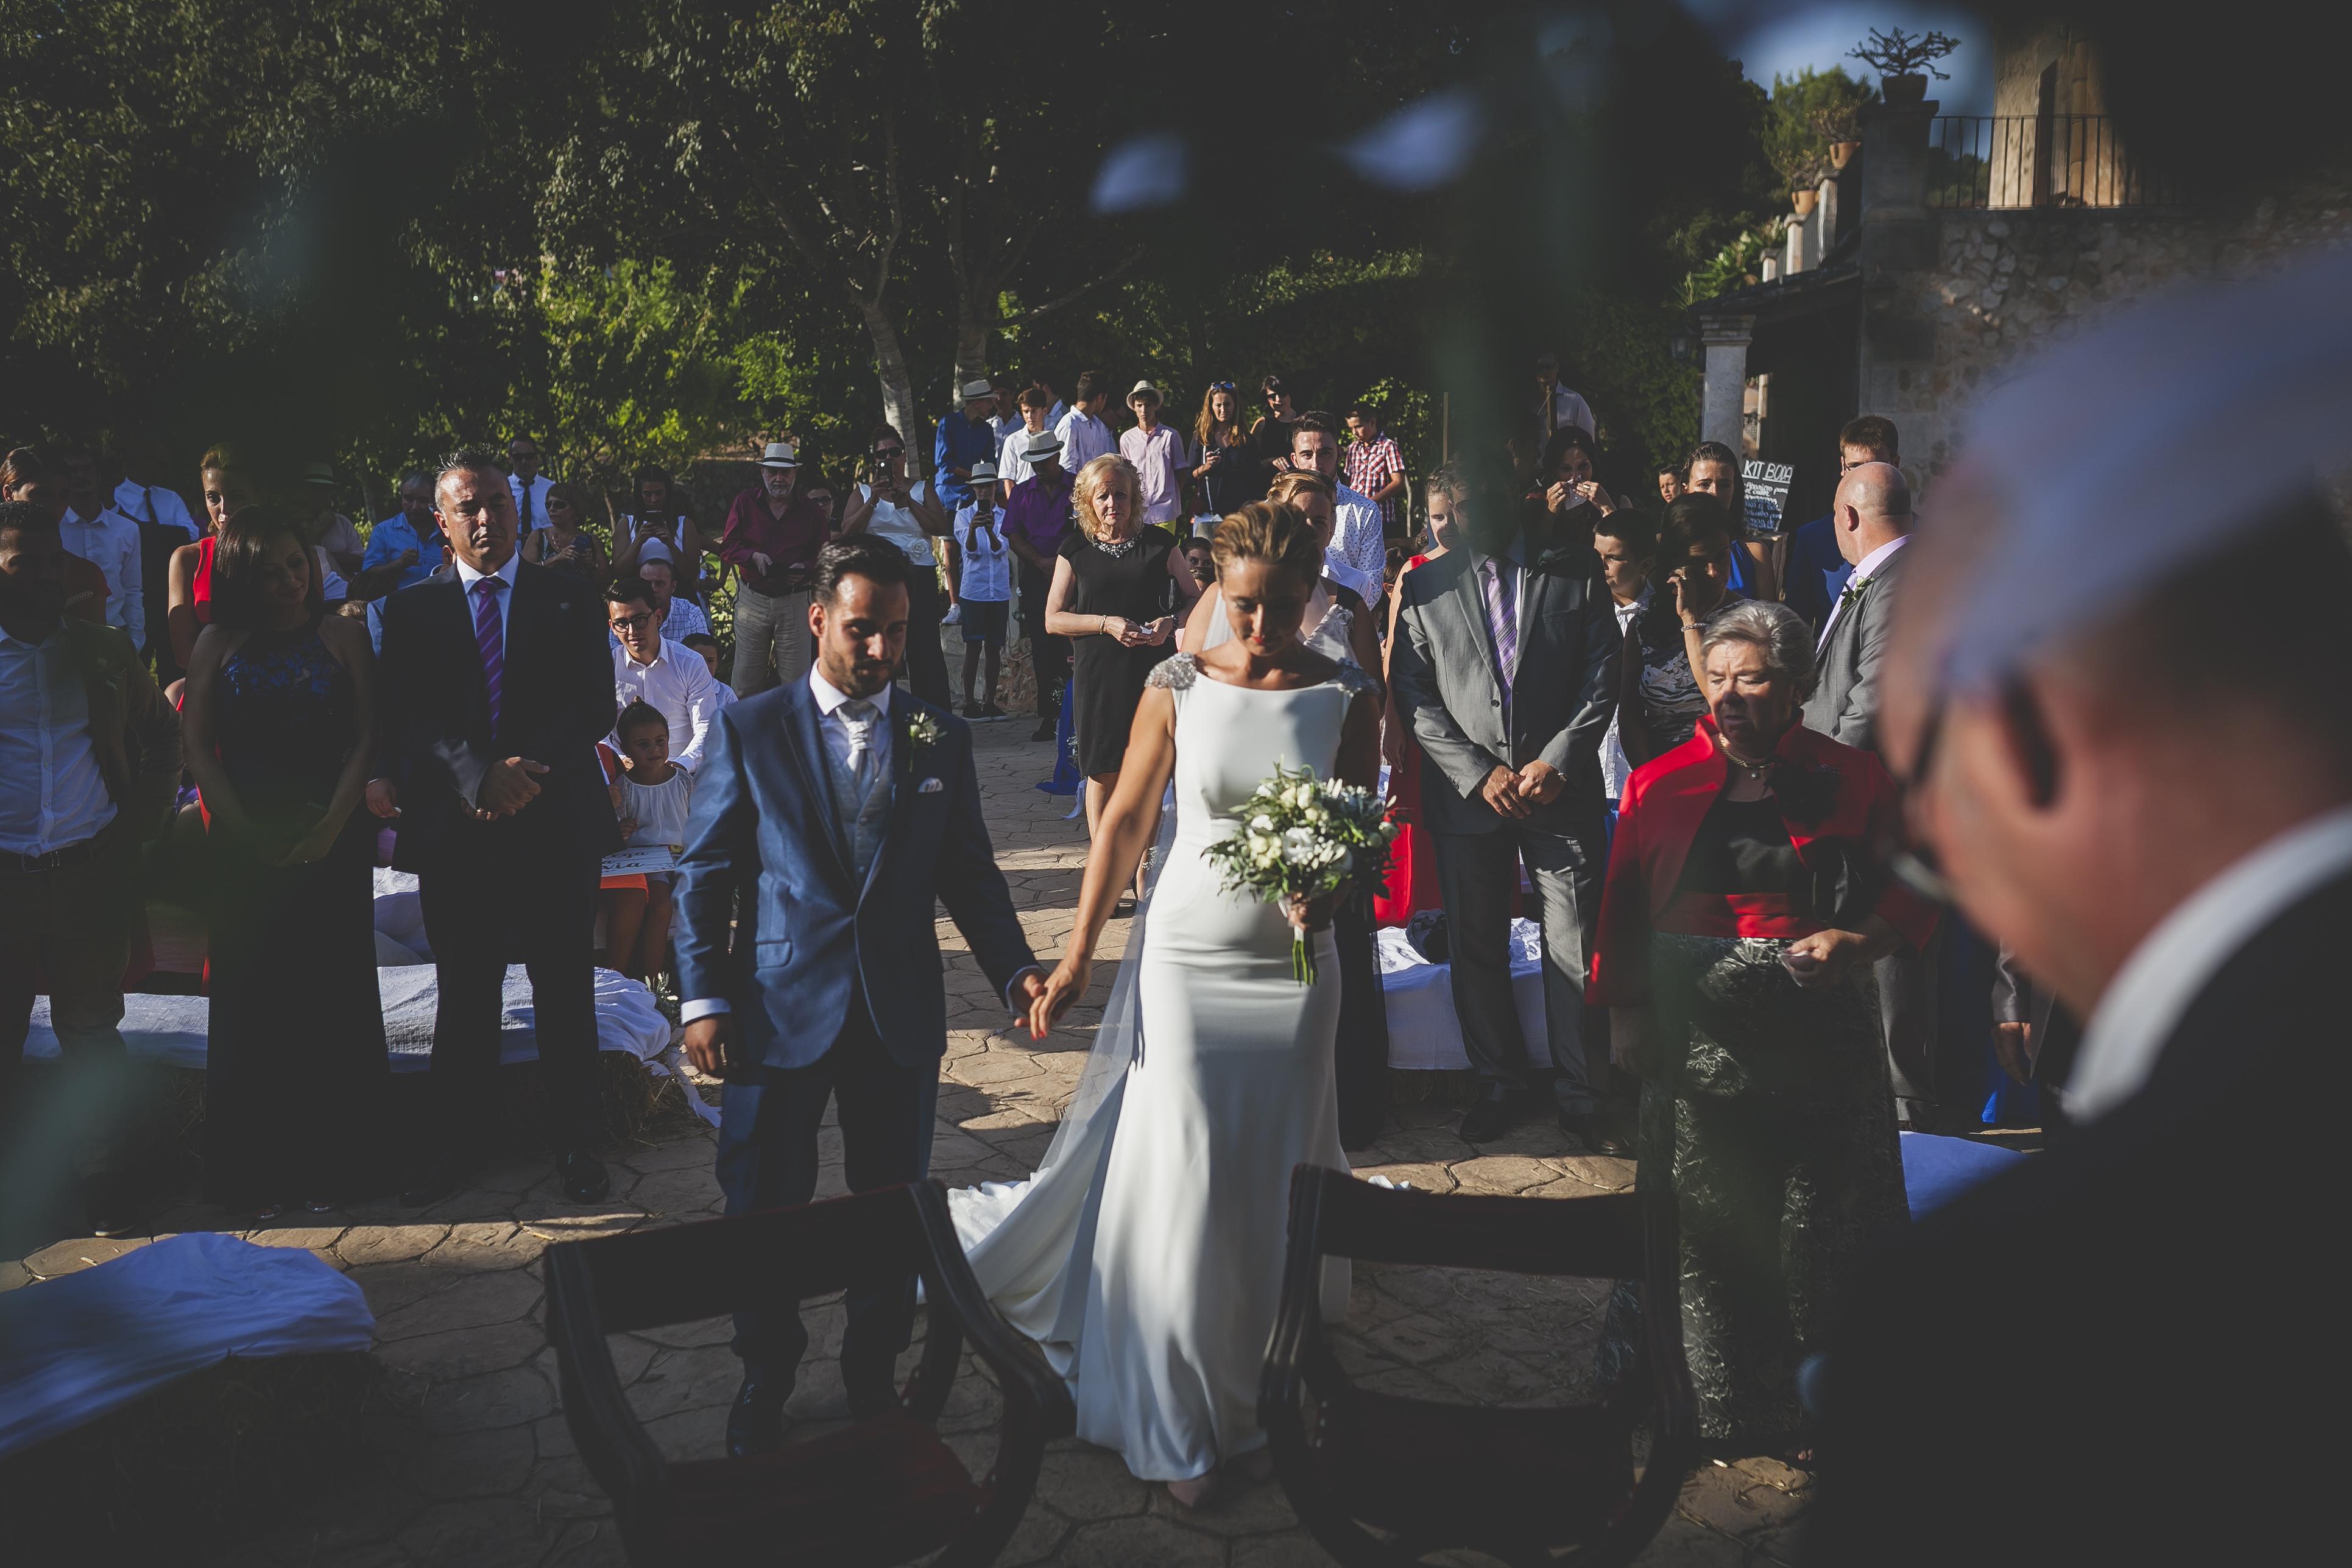 Mg 9389 fotografo de bodas en palma de mallorca joanfrank - Fotografos palma de mallorca ...